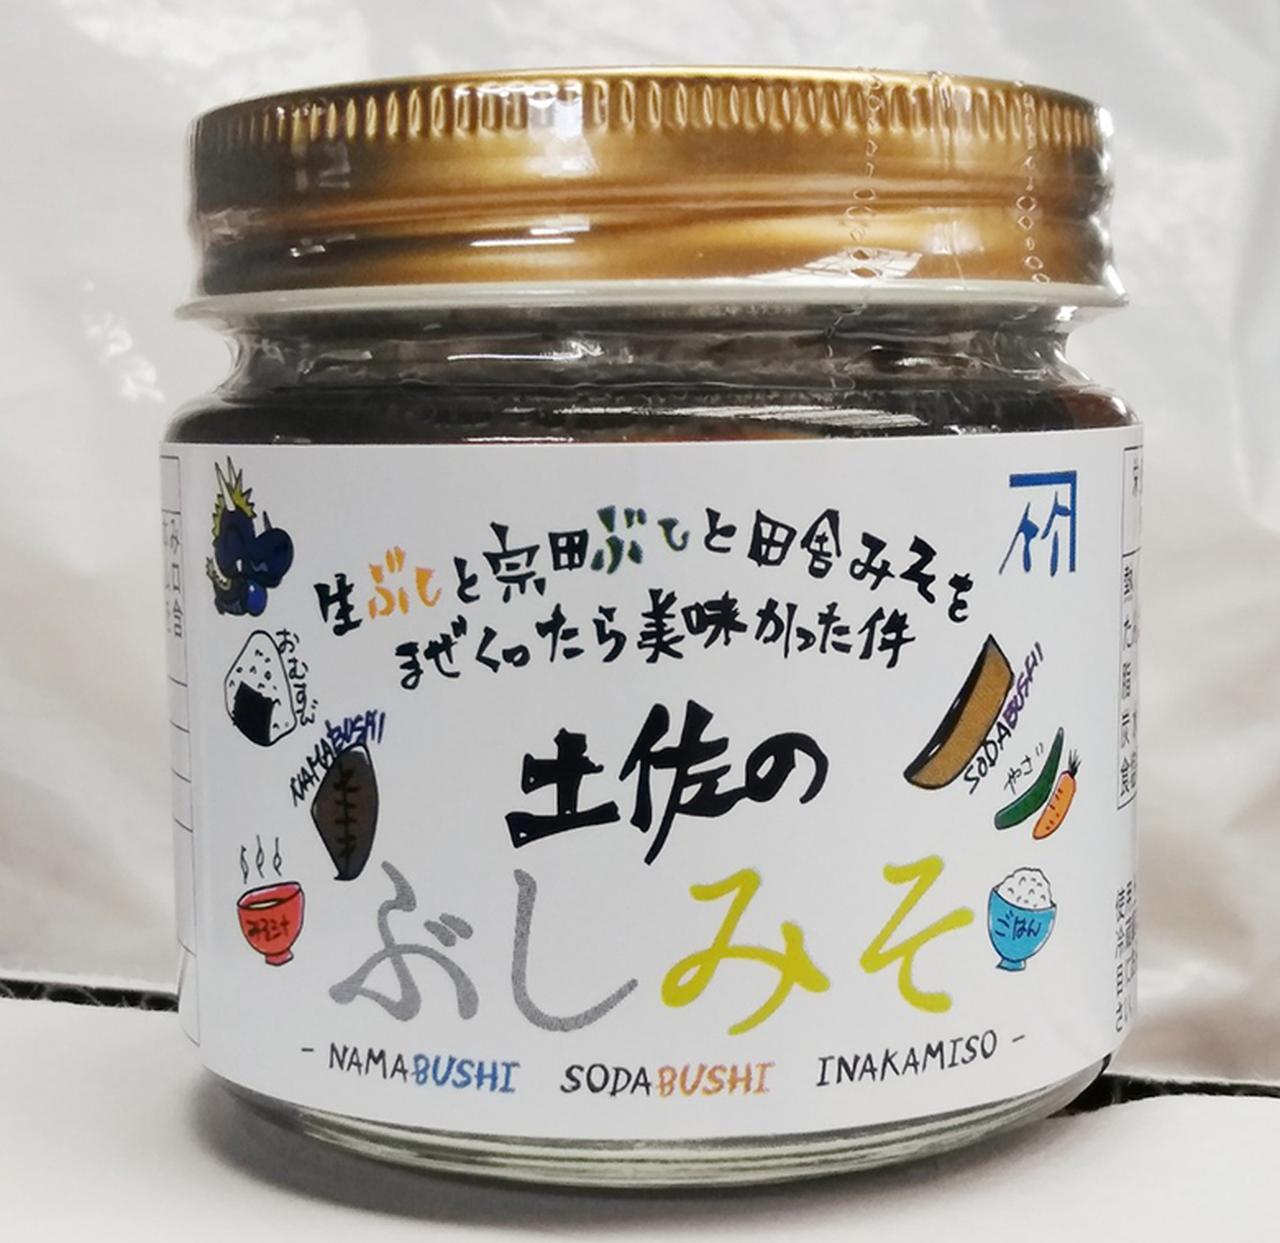 画像1: 【ご飯のお供】おすすめBEST4を紹介!柿の種、さばカレー、ぶしみそ?今食べたいのはコレ!